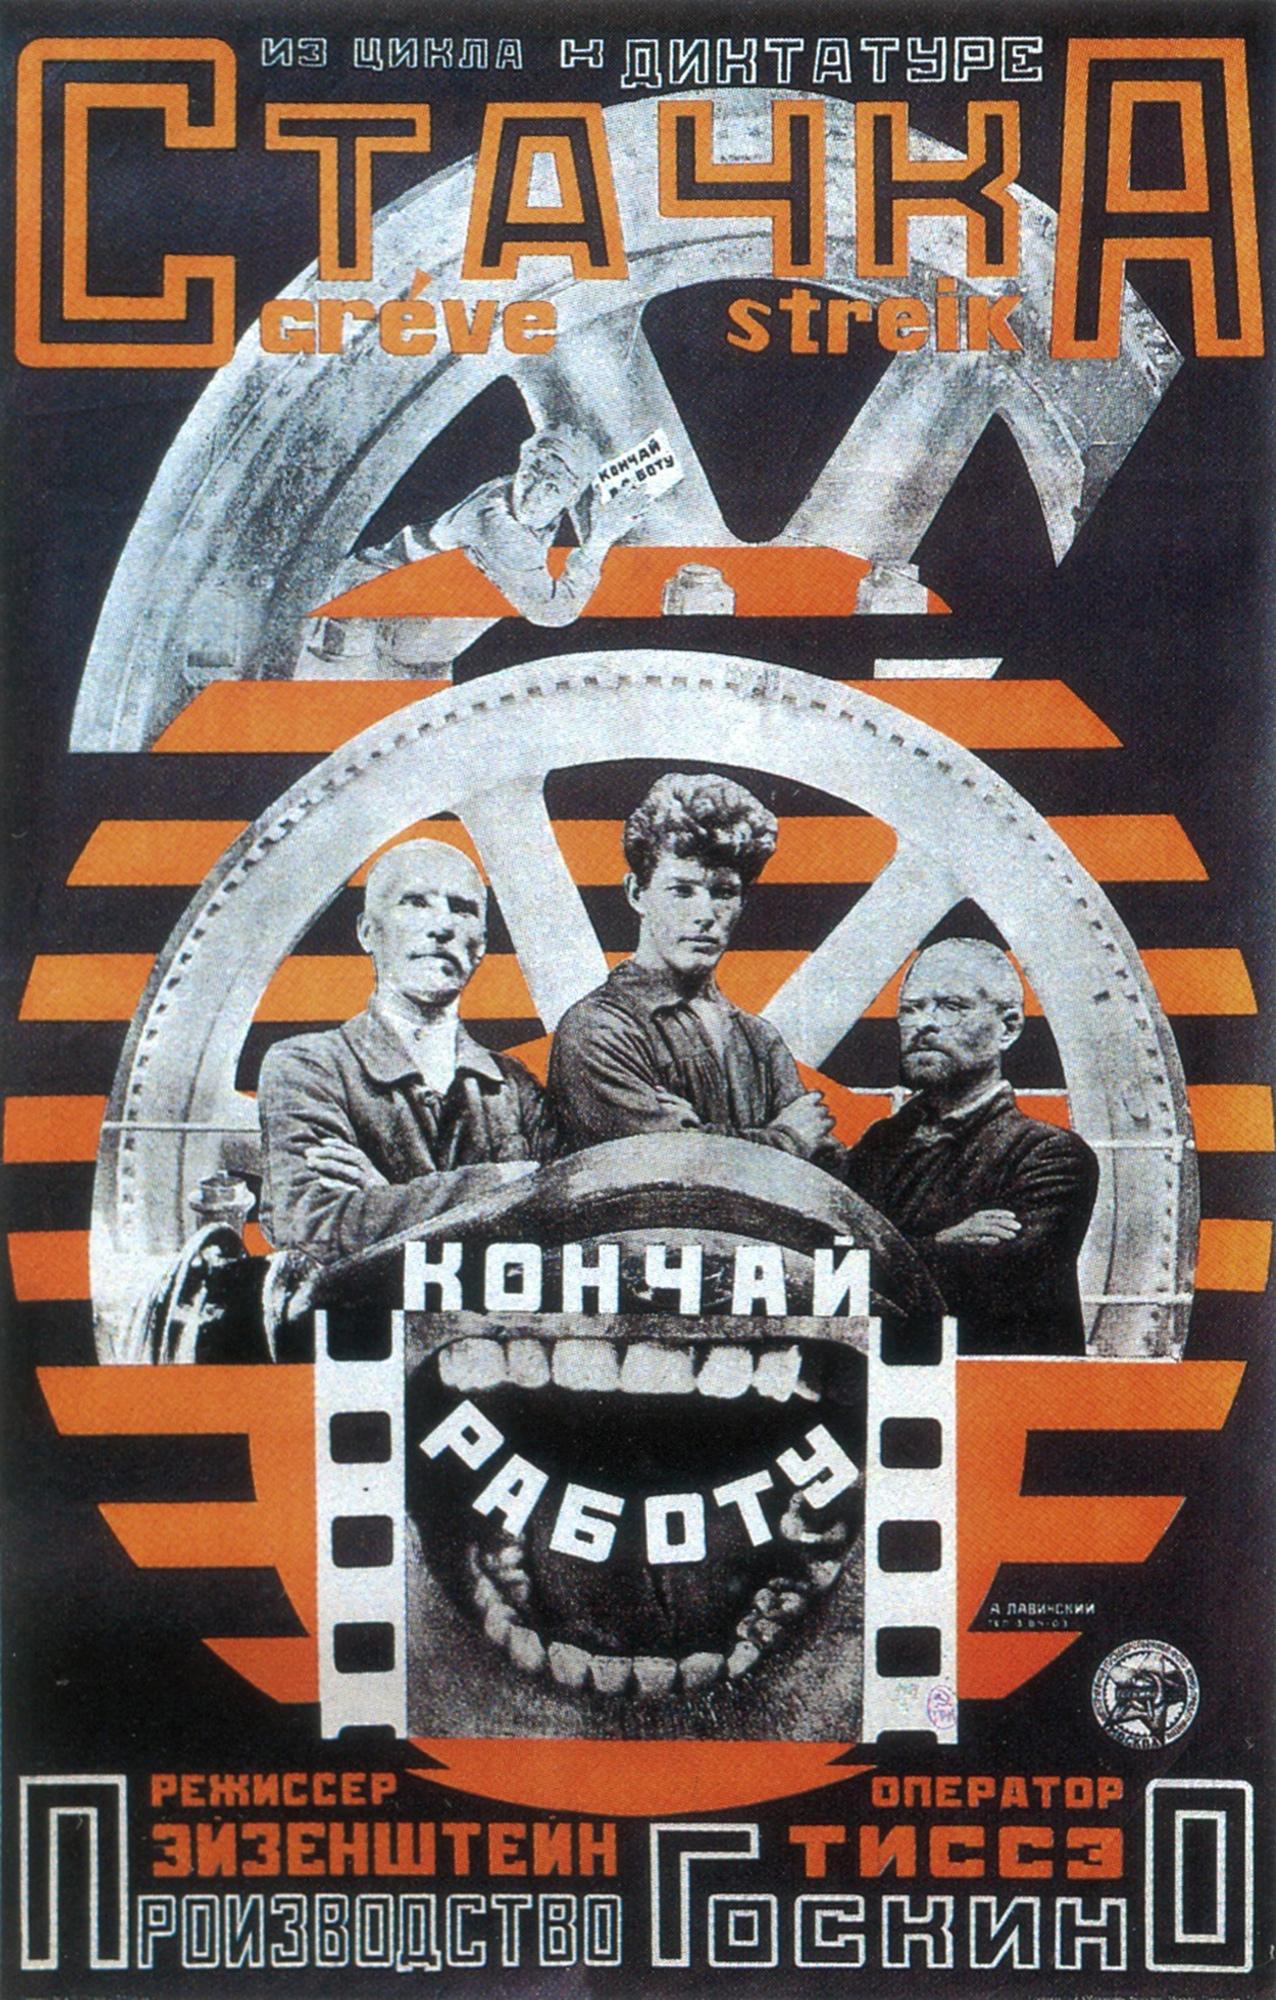 Strike by Eisenstein